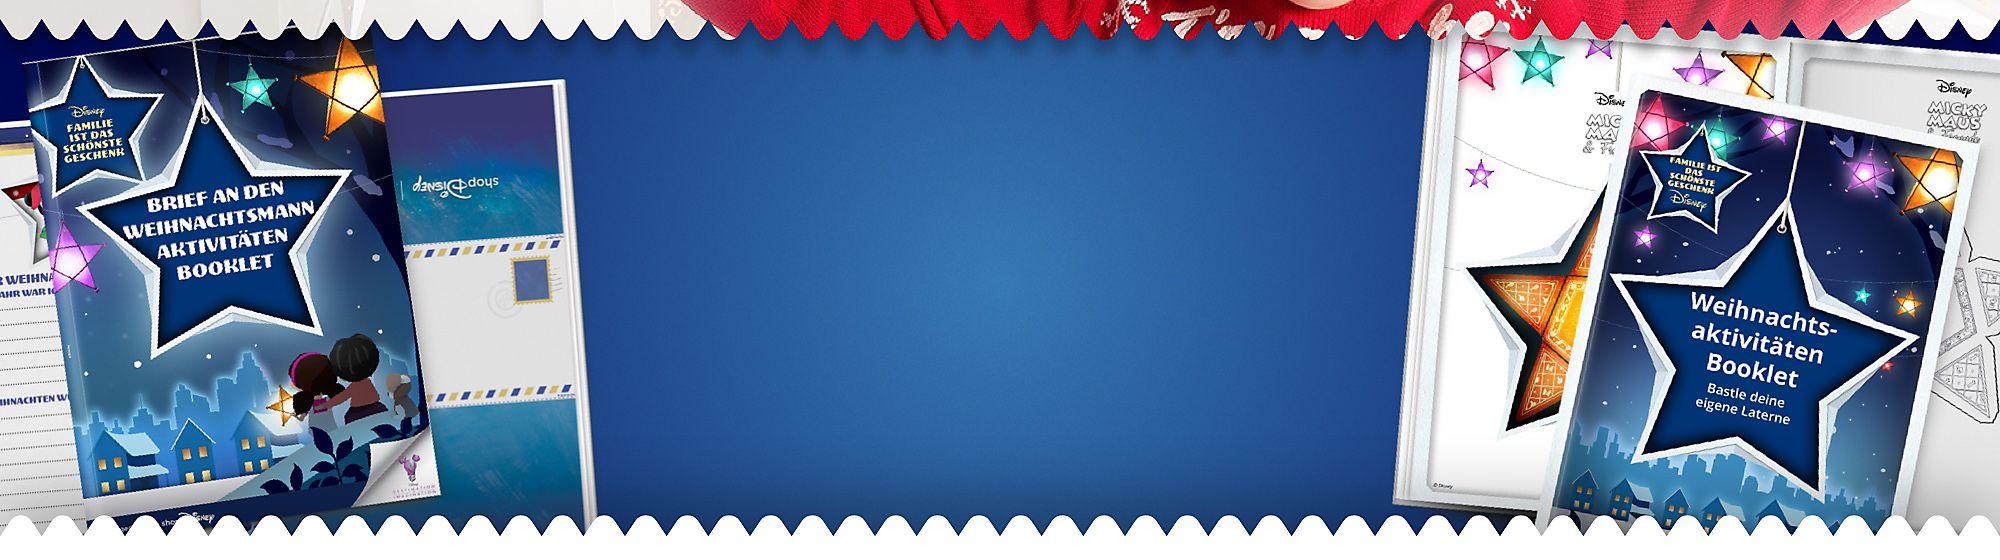 Lustige Weihnachtsaktivitäten für die ganze Familie  MEHR ERFAHREN